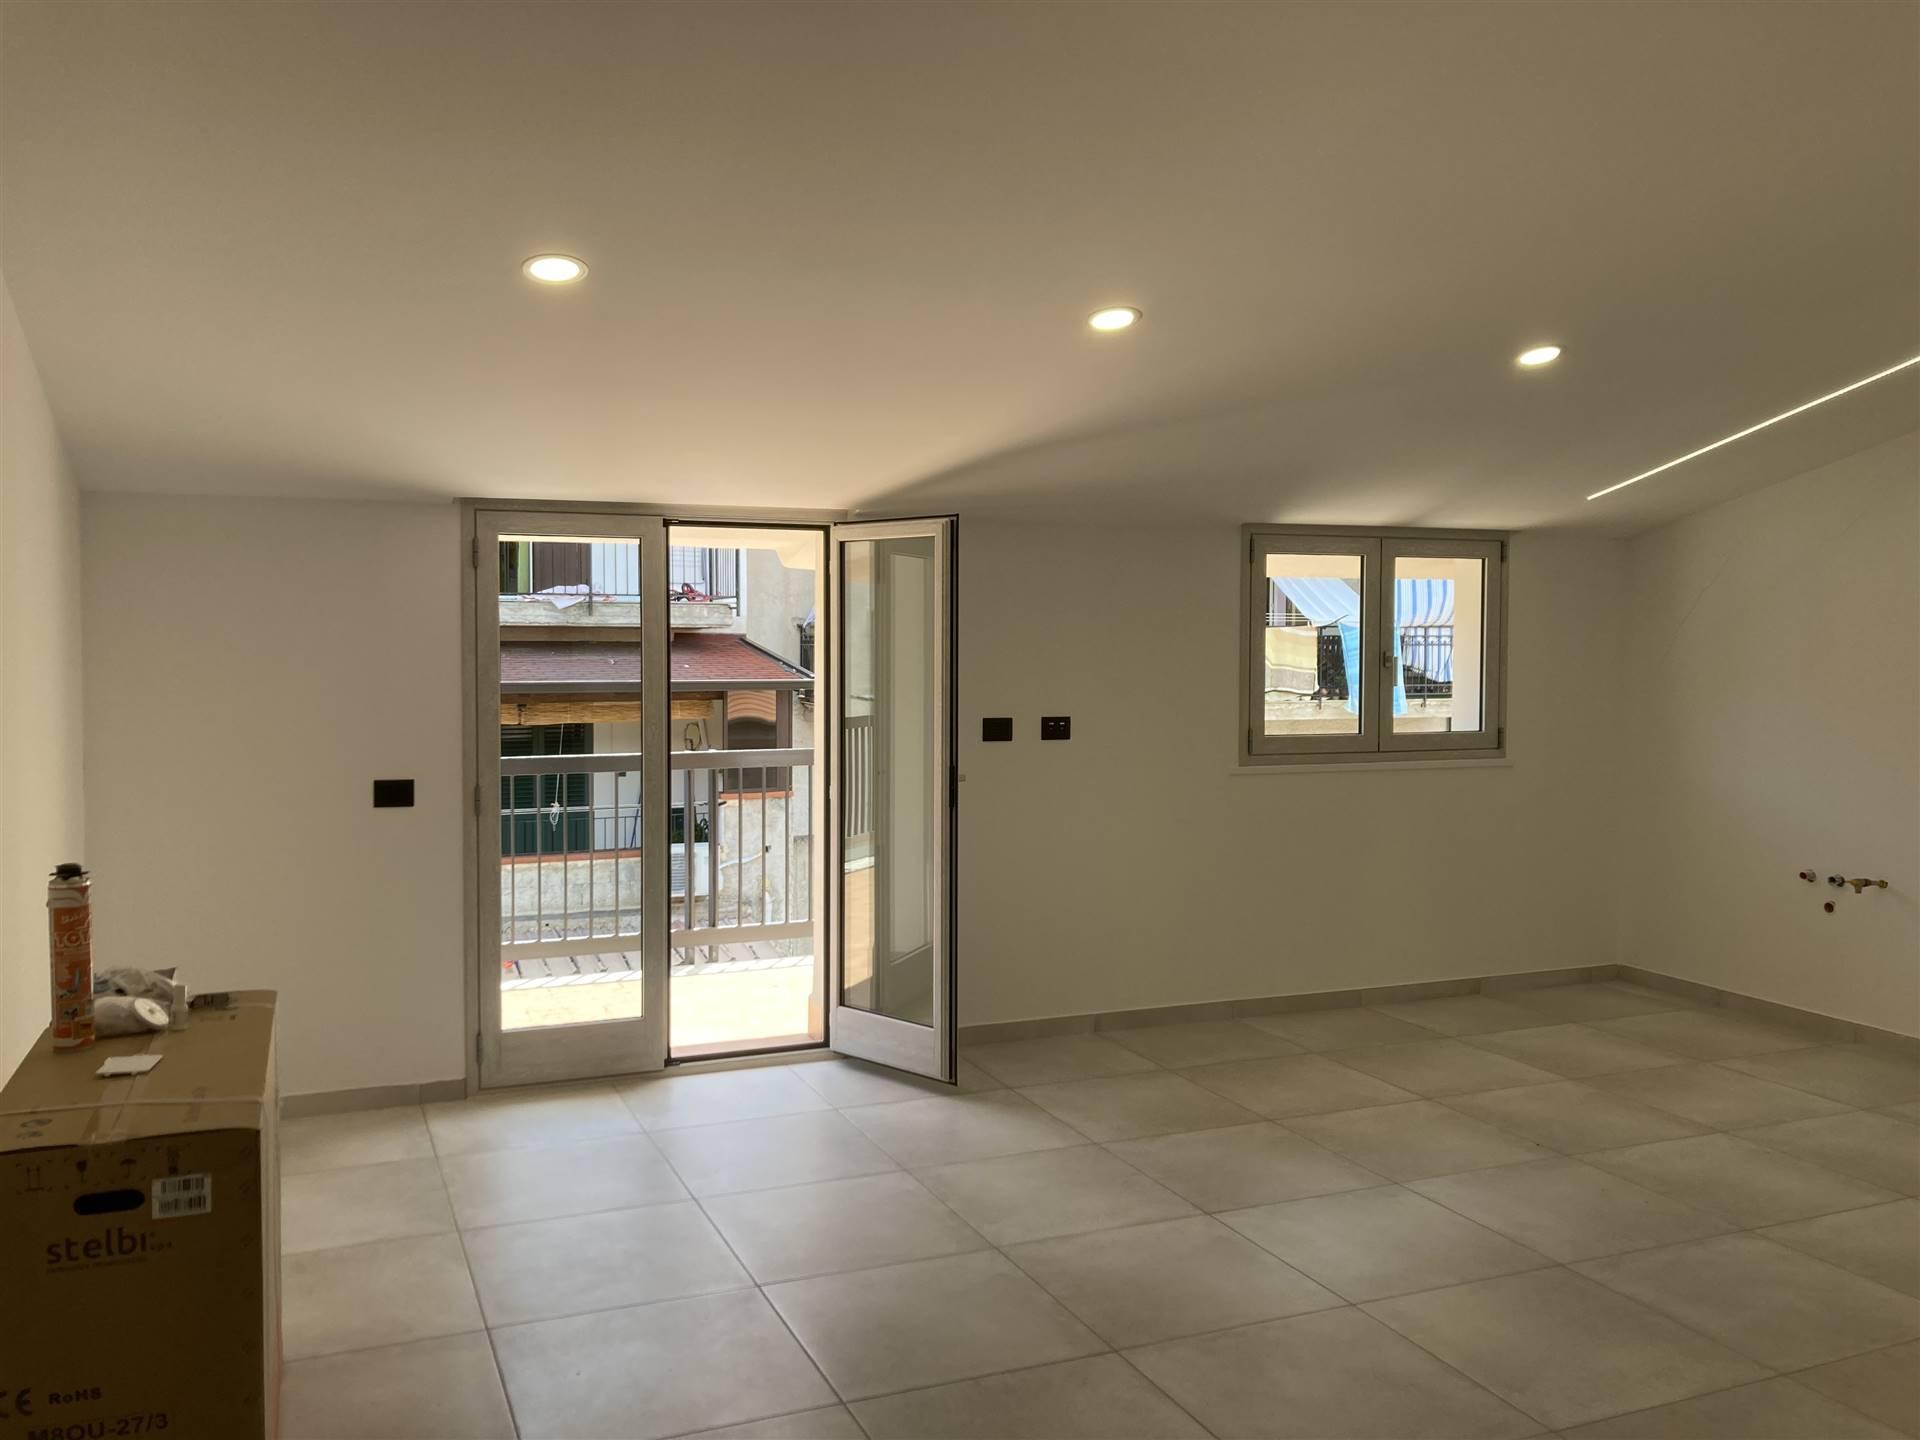 Appartamento in vendita a Altofonte, 3 locali, prezzo € 97.000 | CambioCasa.it